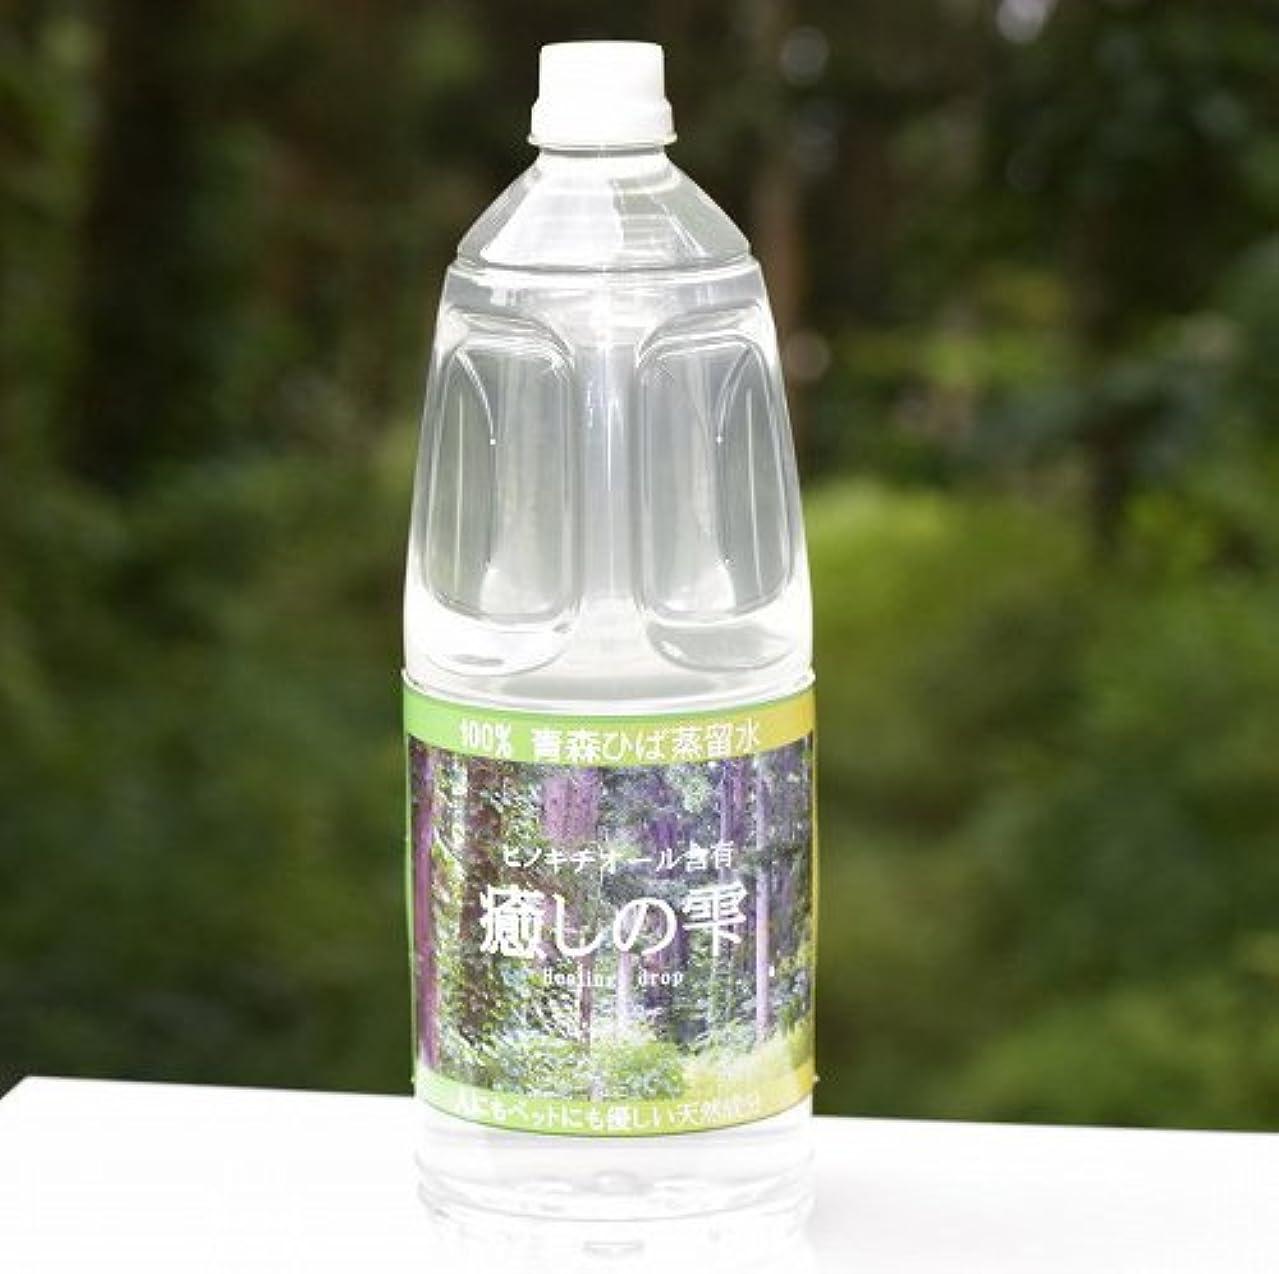 考える古代不安定な青森ひば 天然ヒバ水 癒しの雫 蒸留水 送料無料 1.8L×3本